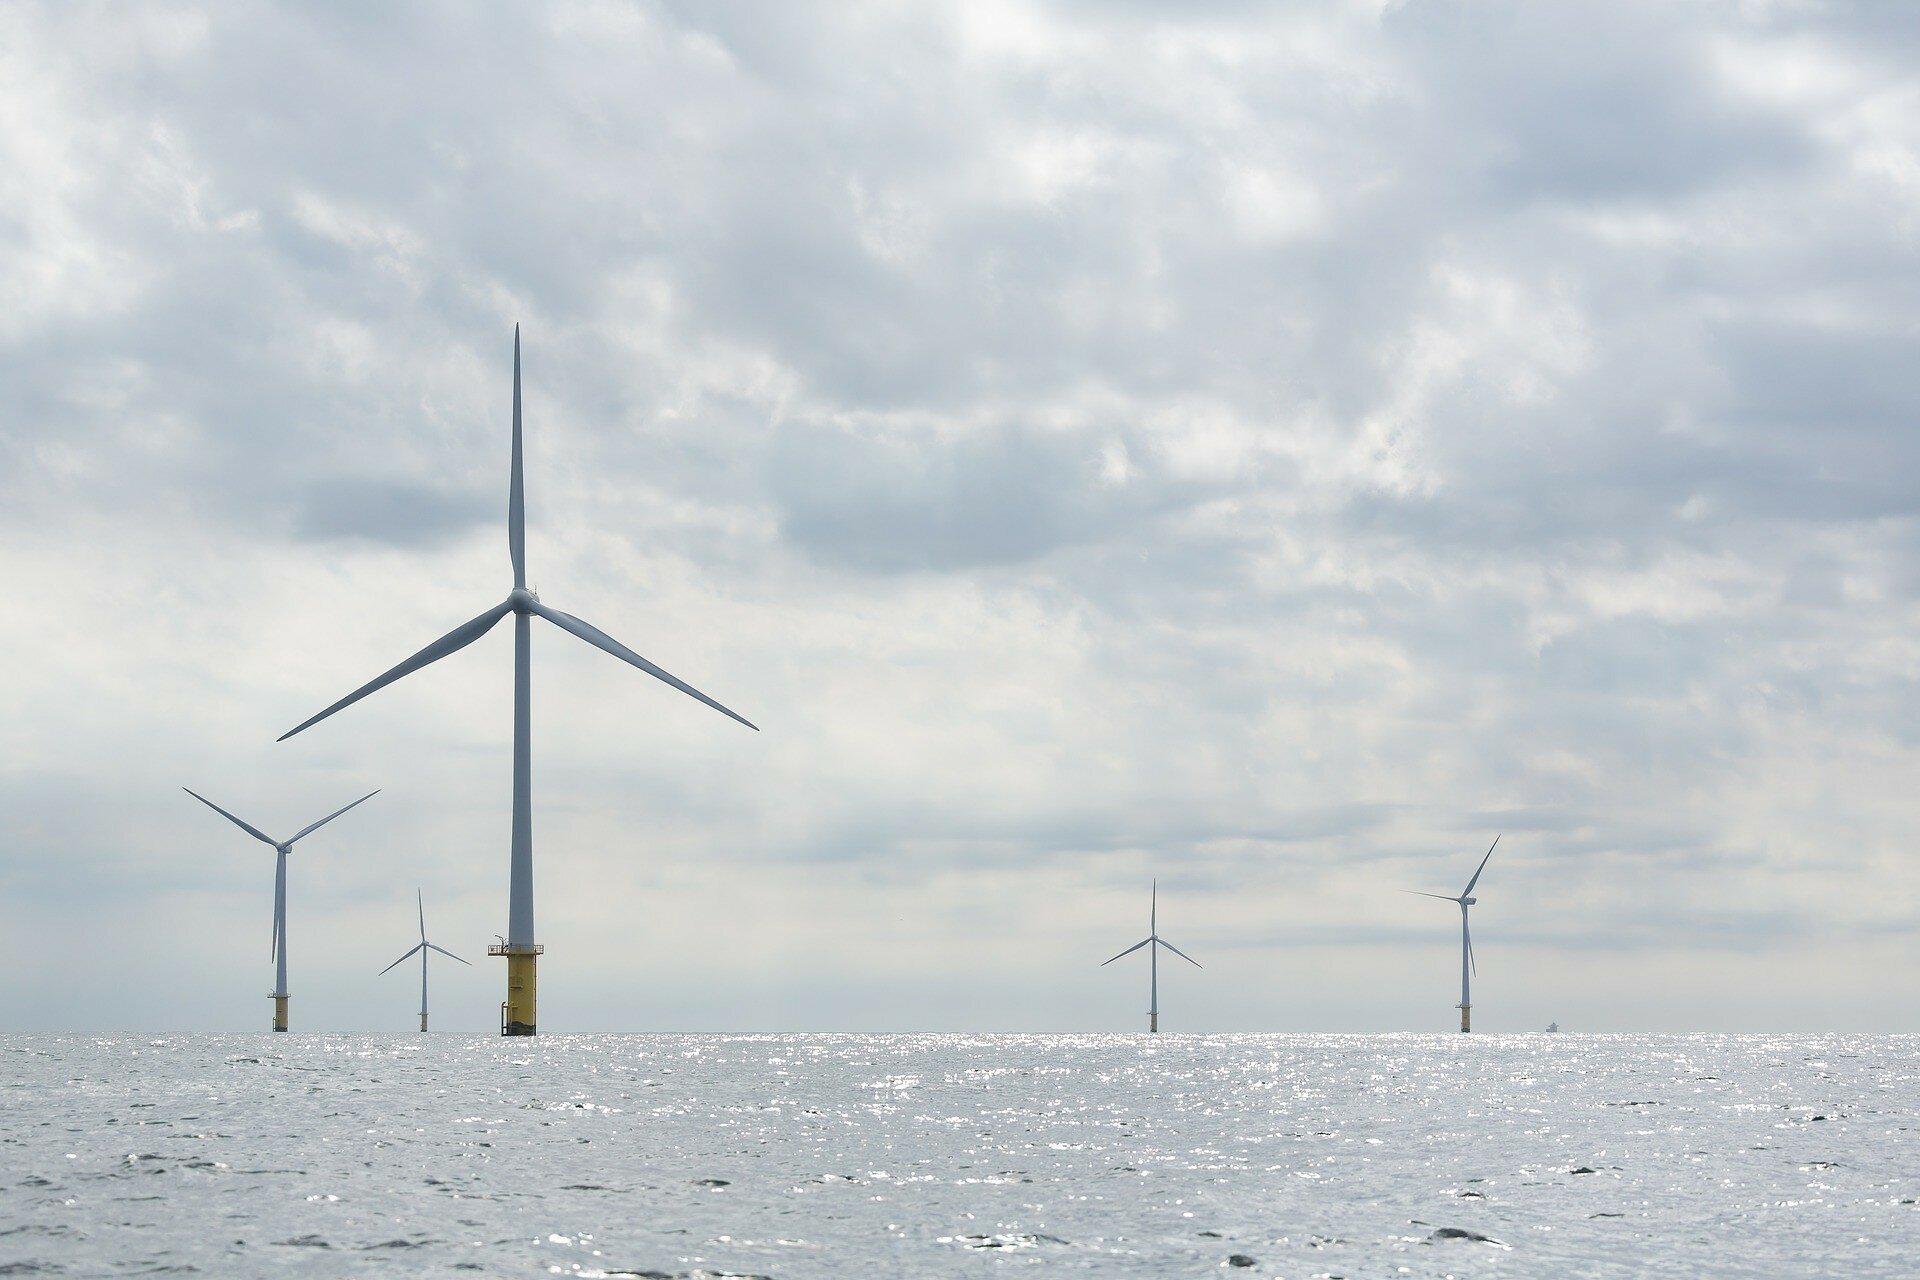 В мире выросла конкуренция за офшорную ветроэнергетику